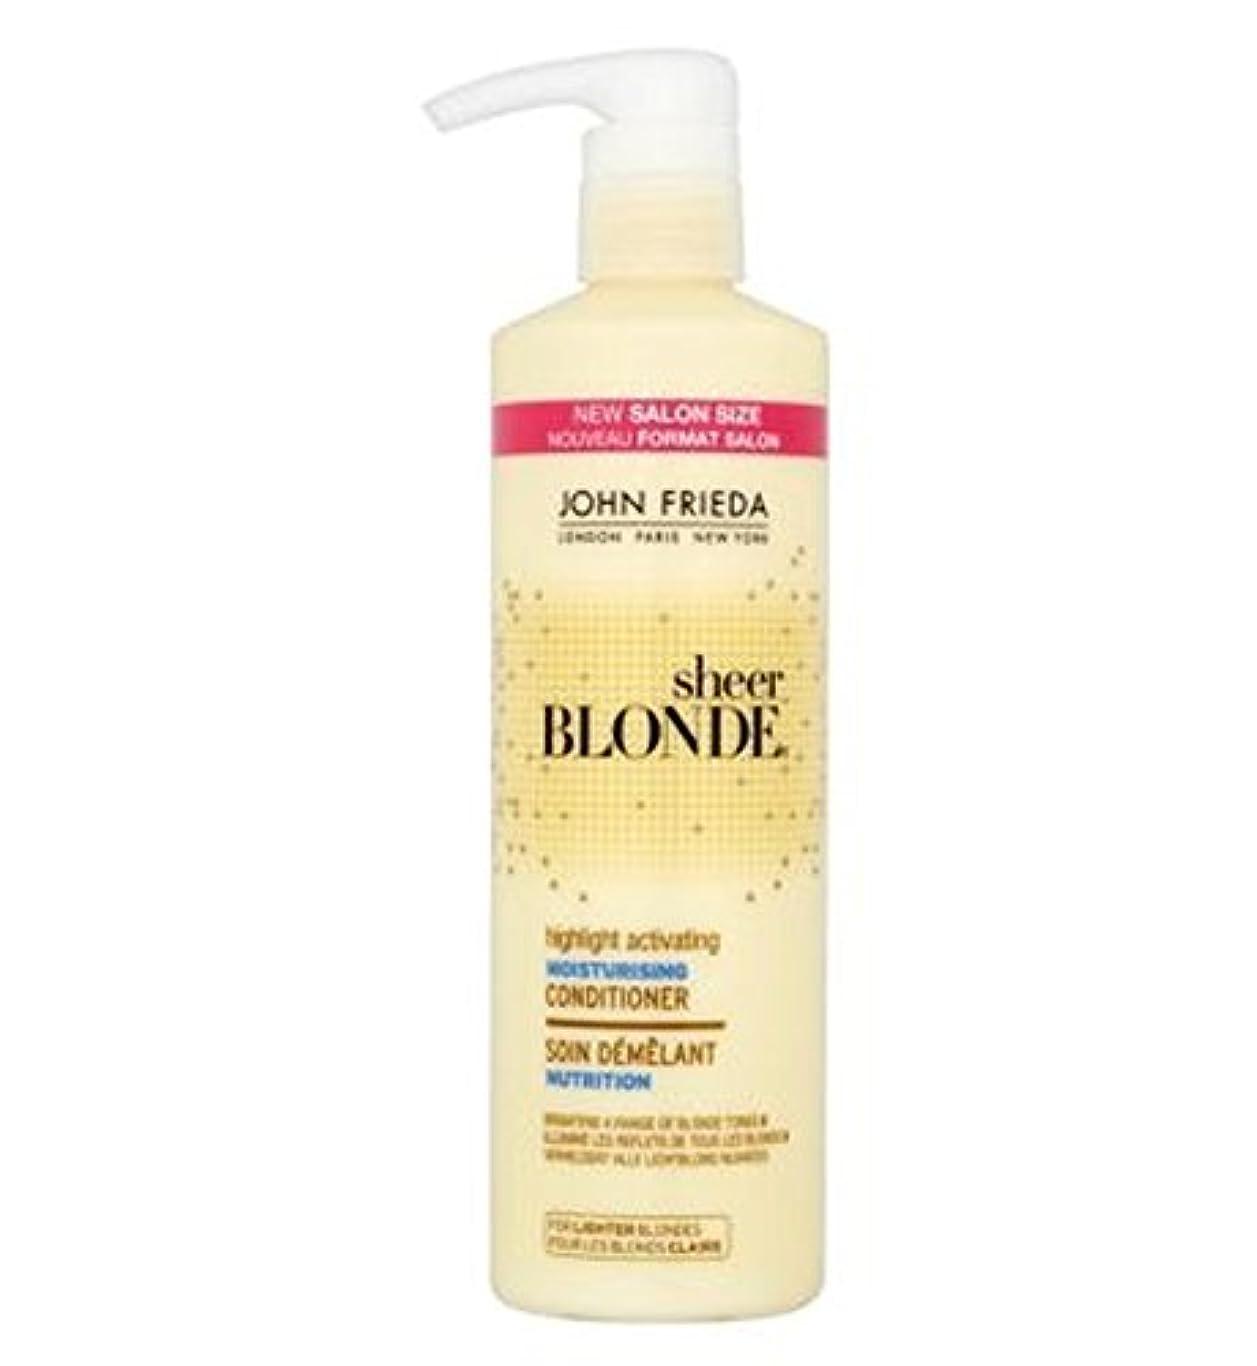 貧しい合併切り離すジョン?フリーダ薄手のブロンドのハイライト活性化保湿コンディショナー500ミリリットル (John Frieda) (x2) - John Frieda Sheer Blonde Highlight Activating...